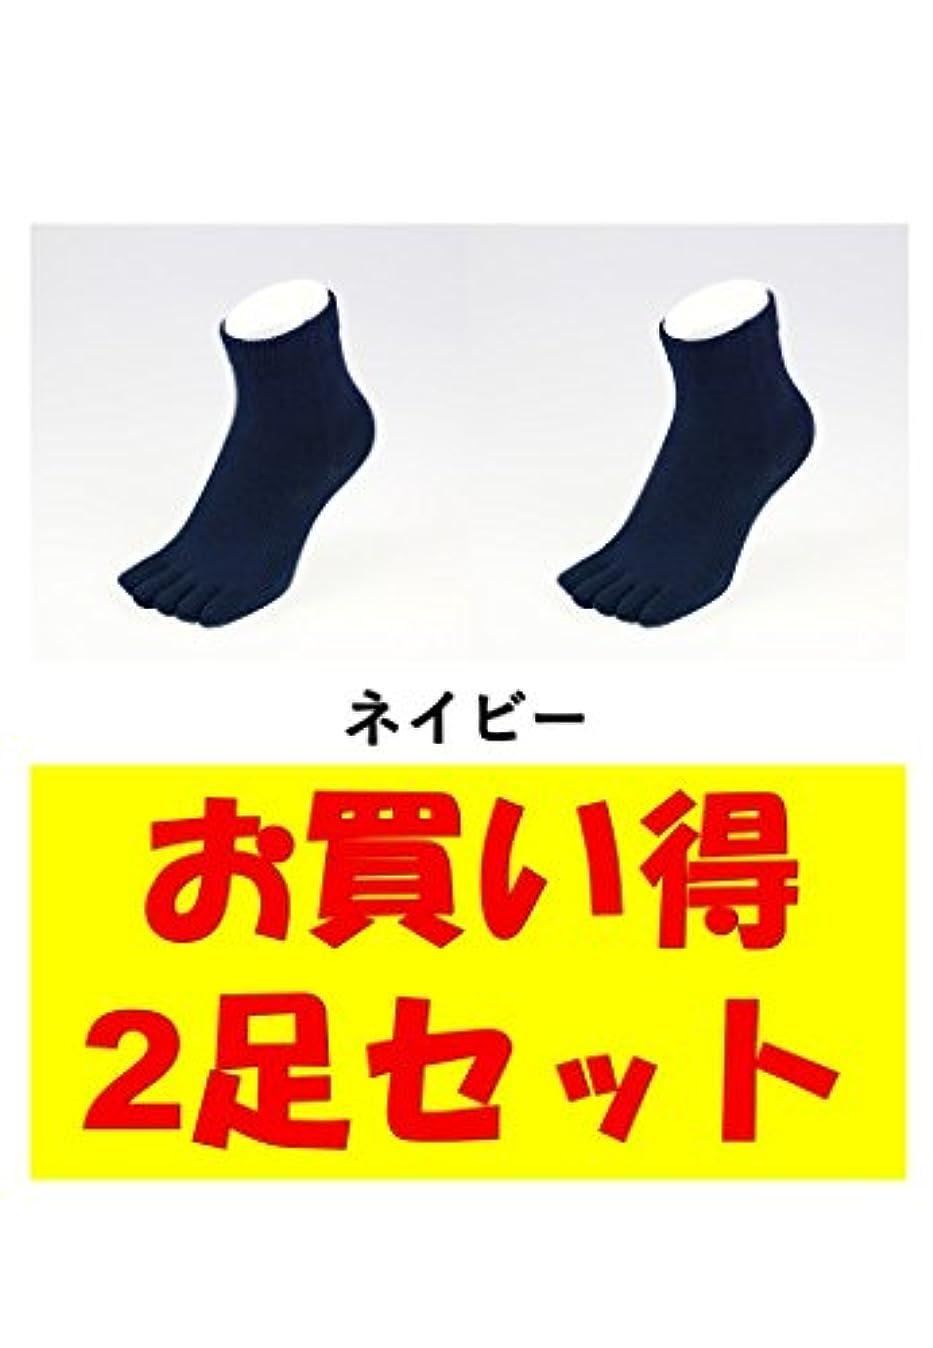 受け入れる十年アラブ人お買い得2足セット 5本指 ゆびのばソックス Neo EVE(イヴ) ネイビー iサイズ(23.5cm - 25.5cm) YSNEVE-NVY